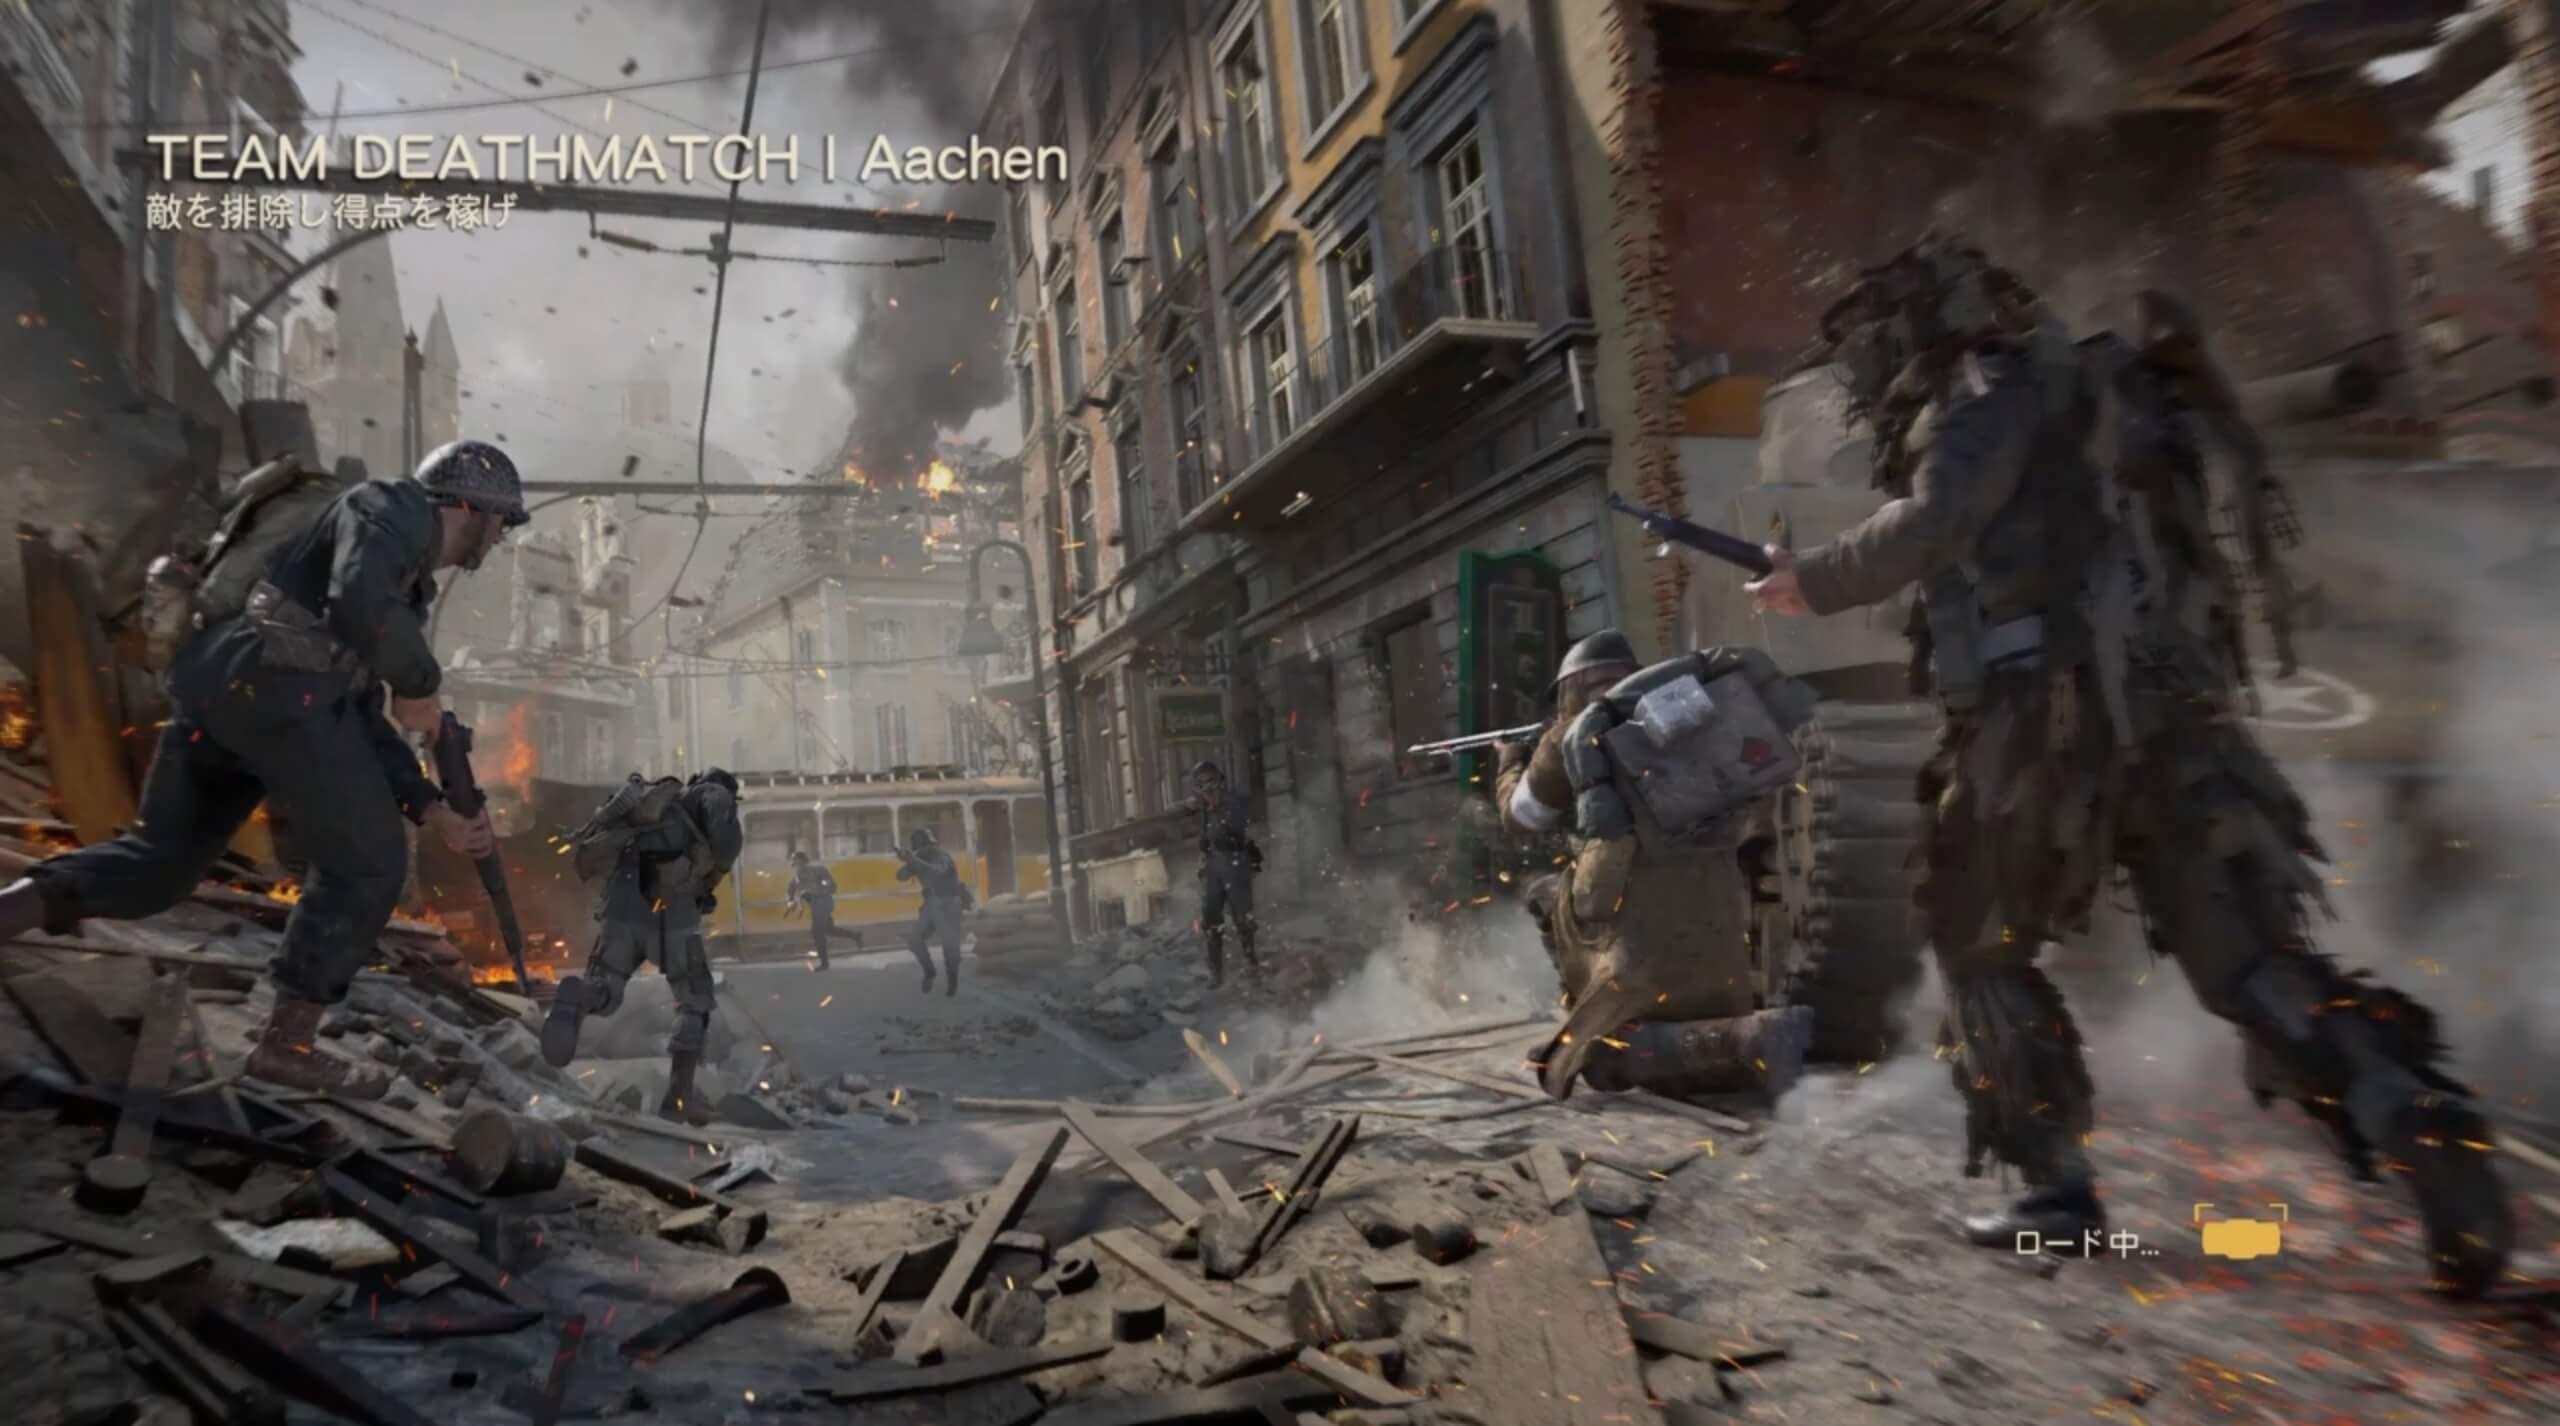 【CoD:WW2】Aachenでの戦い方について【待ち気味になりやすい】